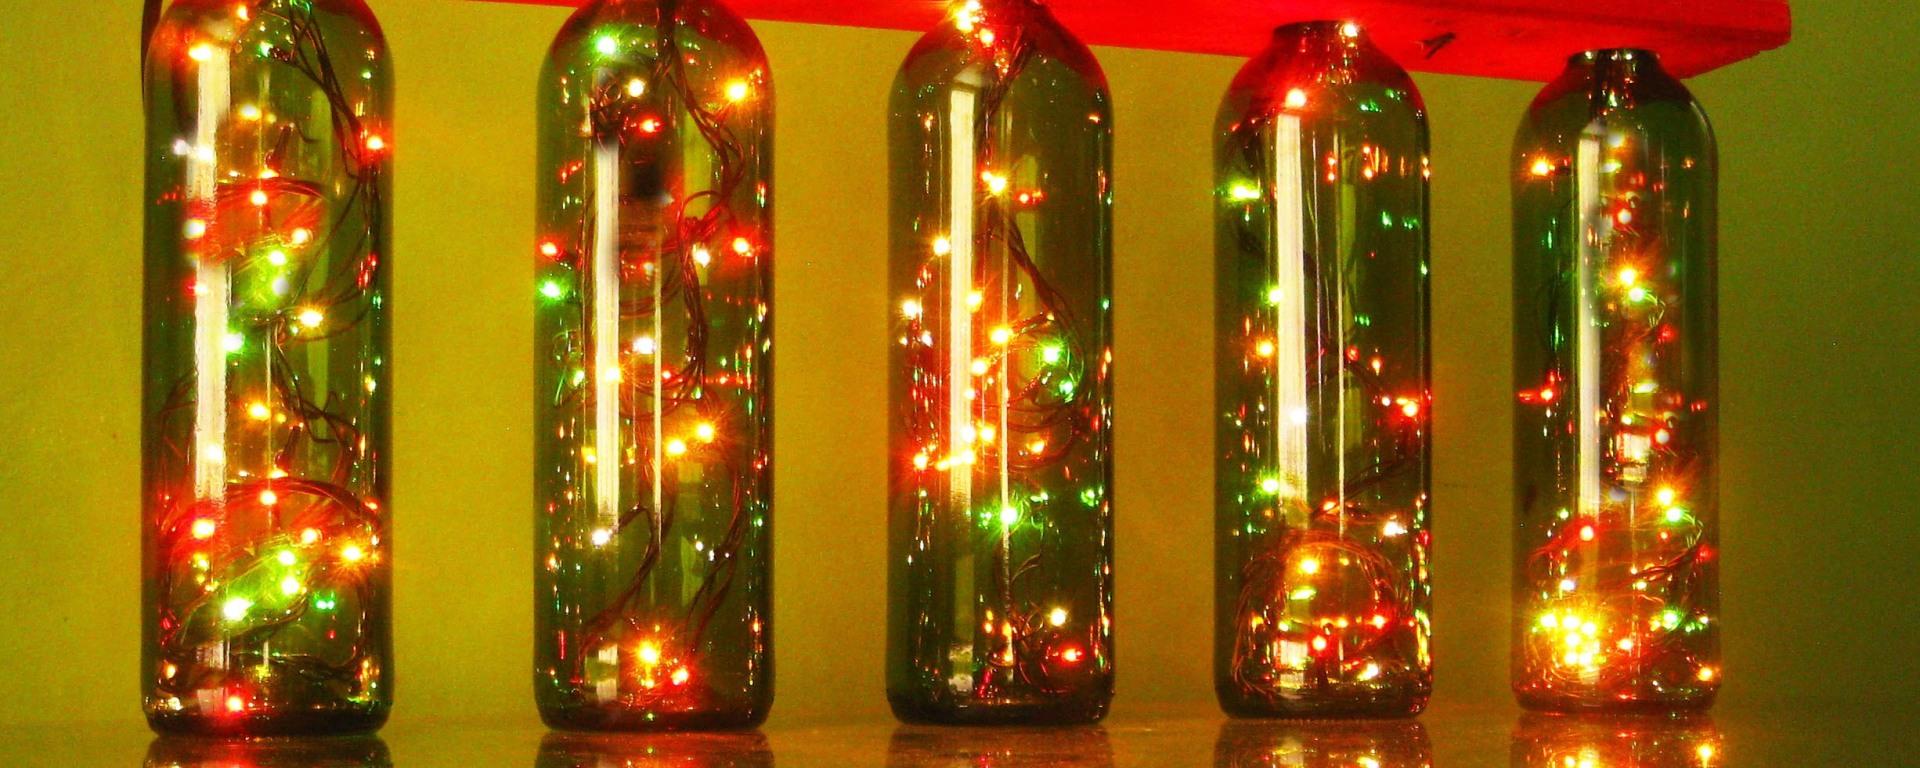 10 Ideas Para Reciclar Botellas De Vino En Navidad The Big Wine Theory - Ideas-para-el-reciclaje